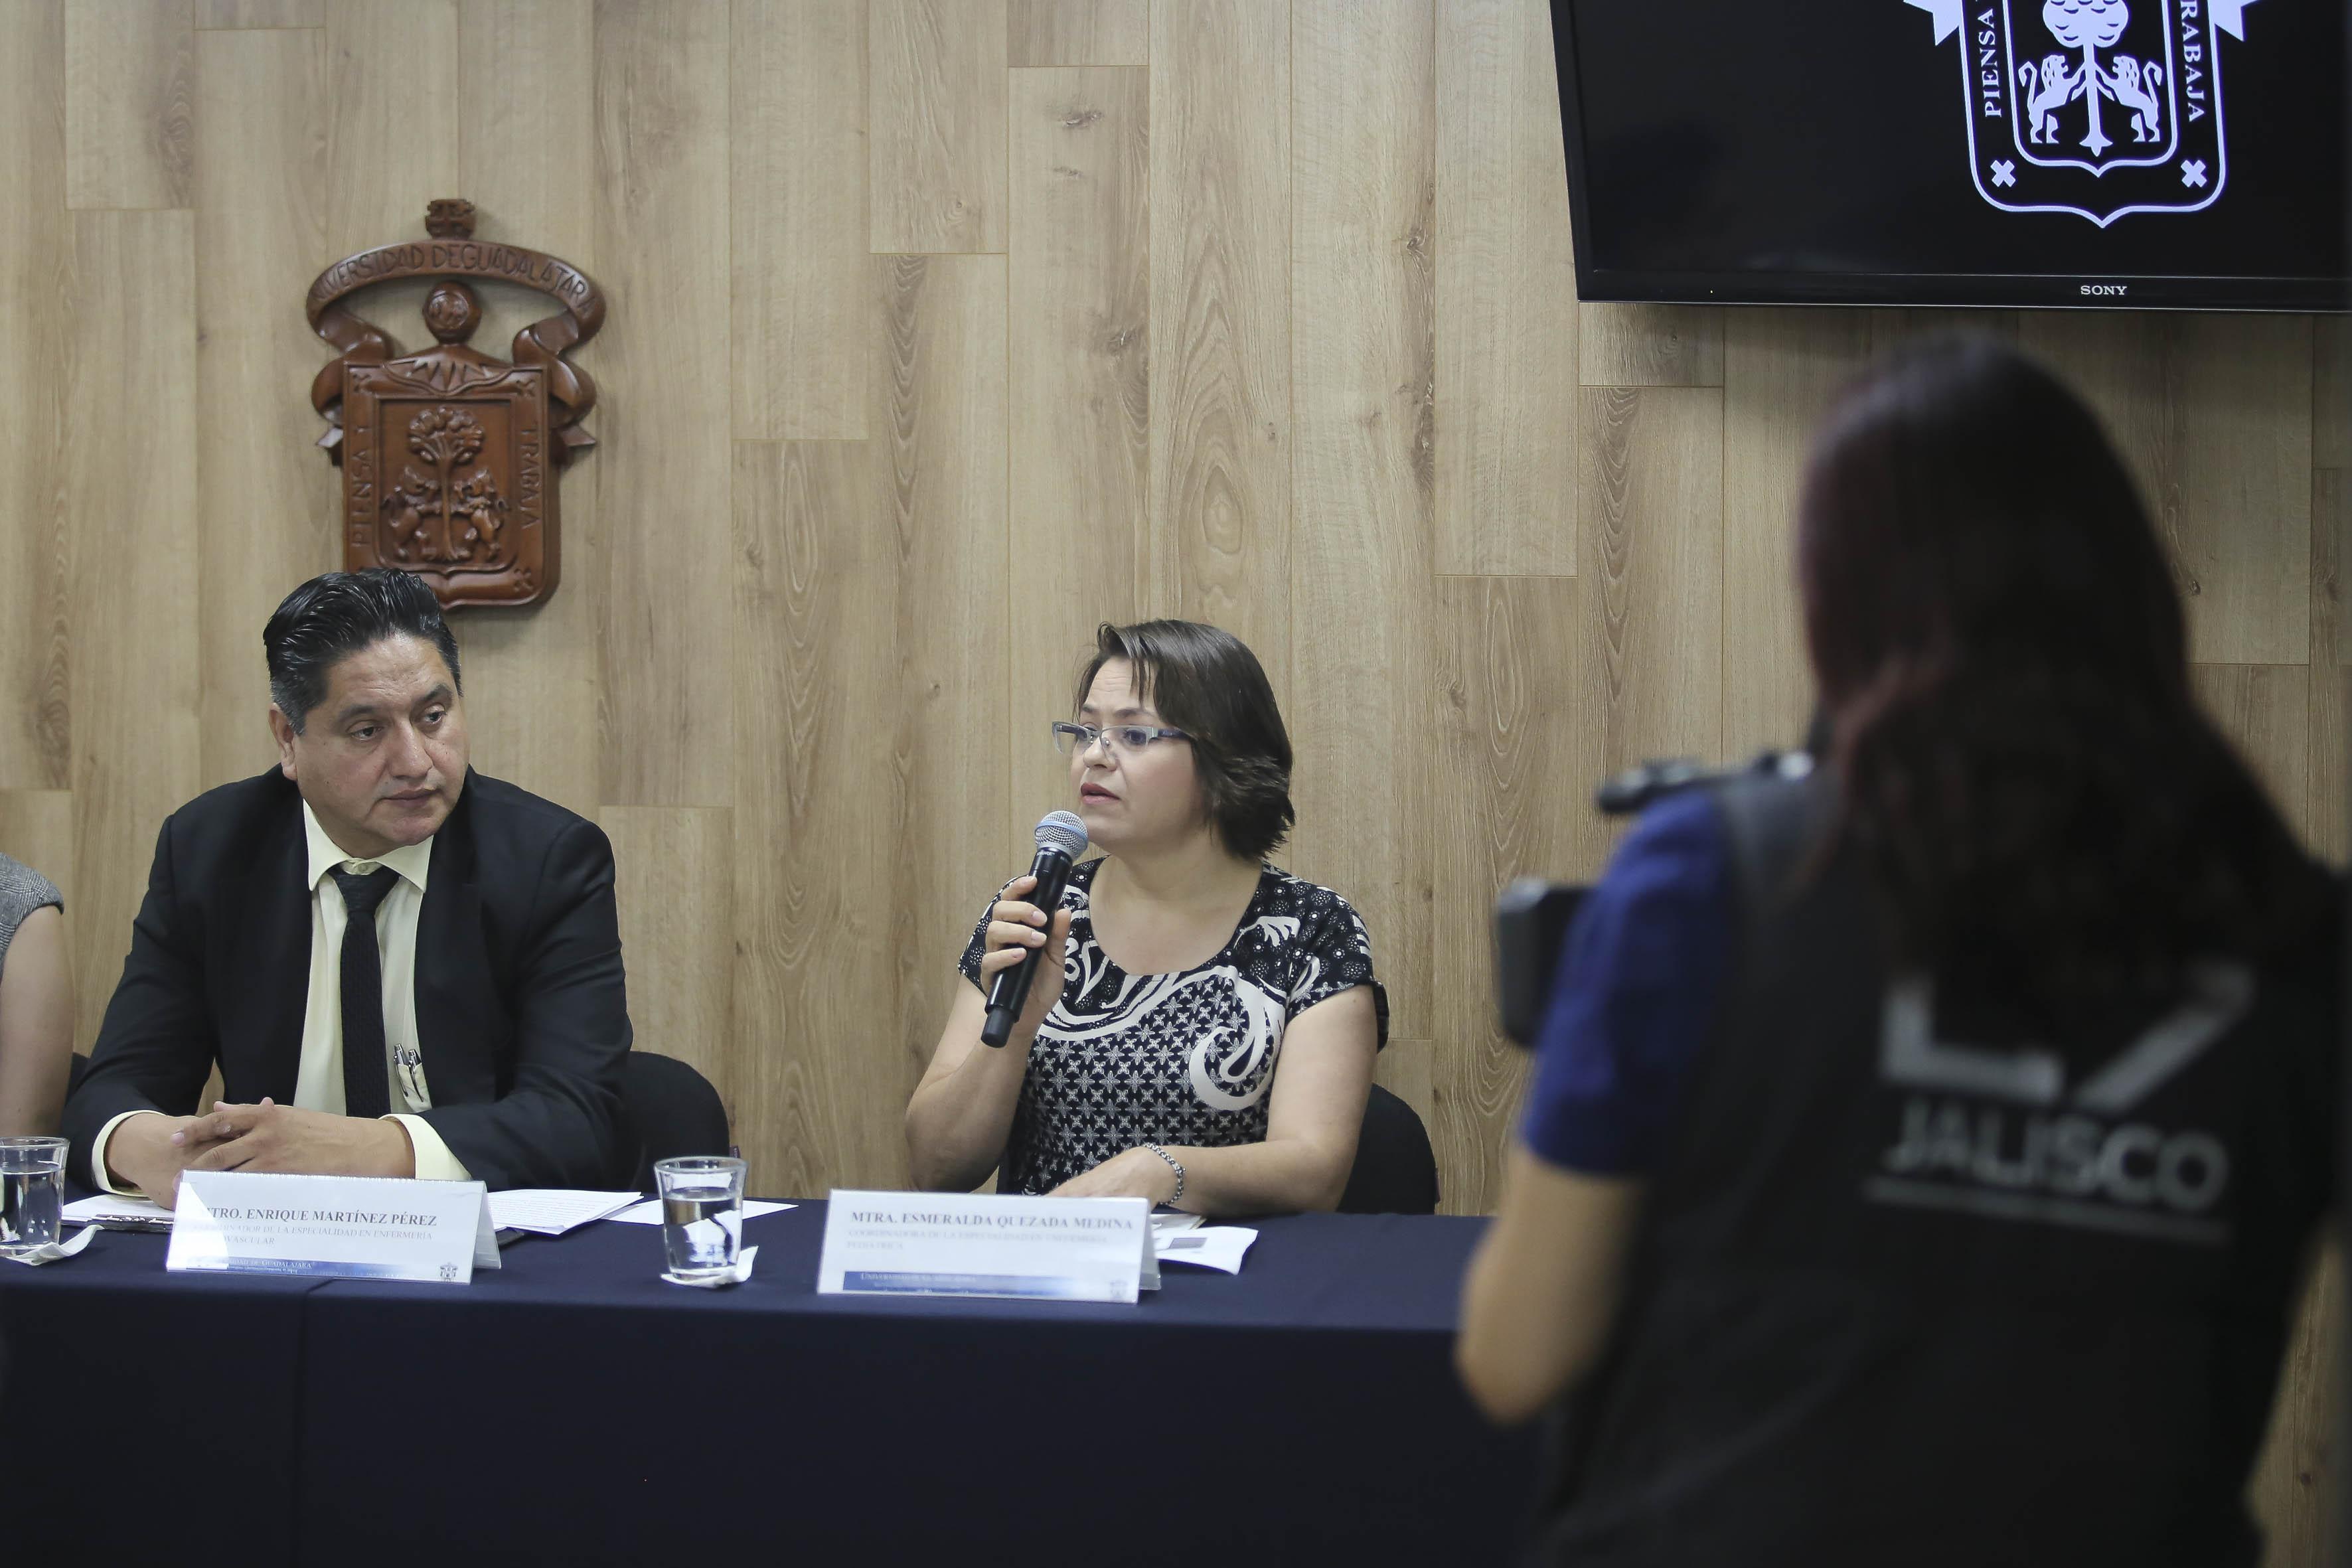 Mtra. Esmeralda Quezada al micrófono en rueda de prensa